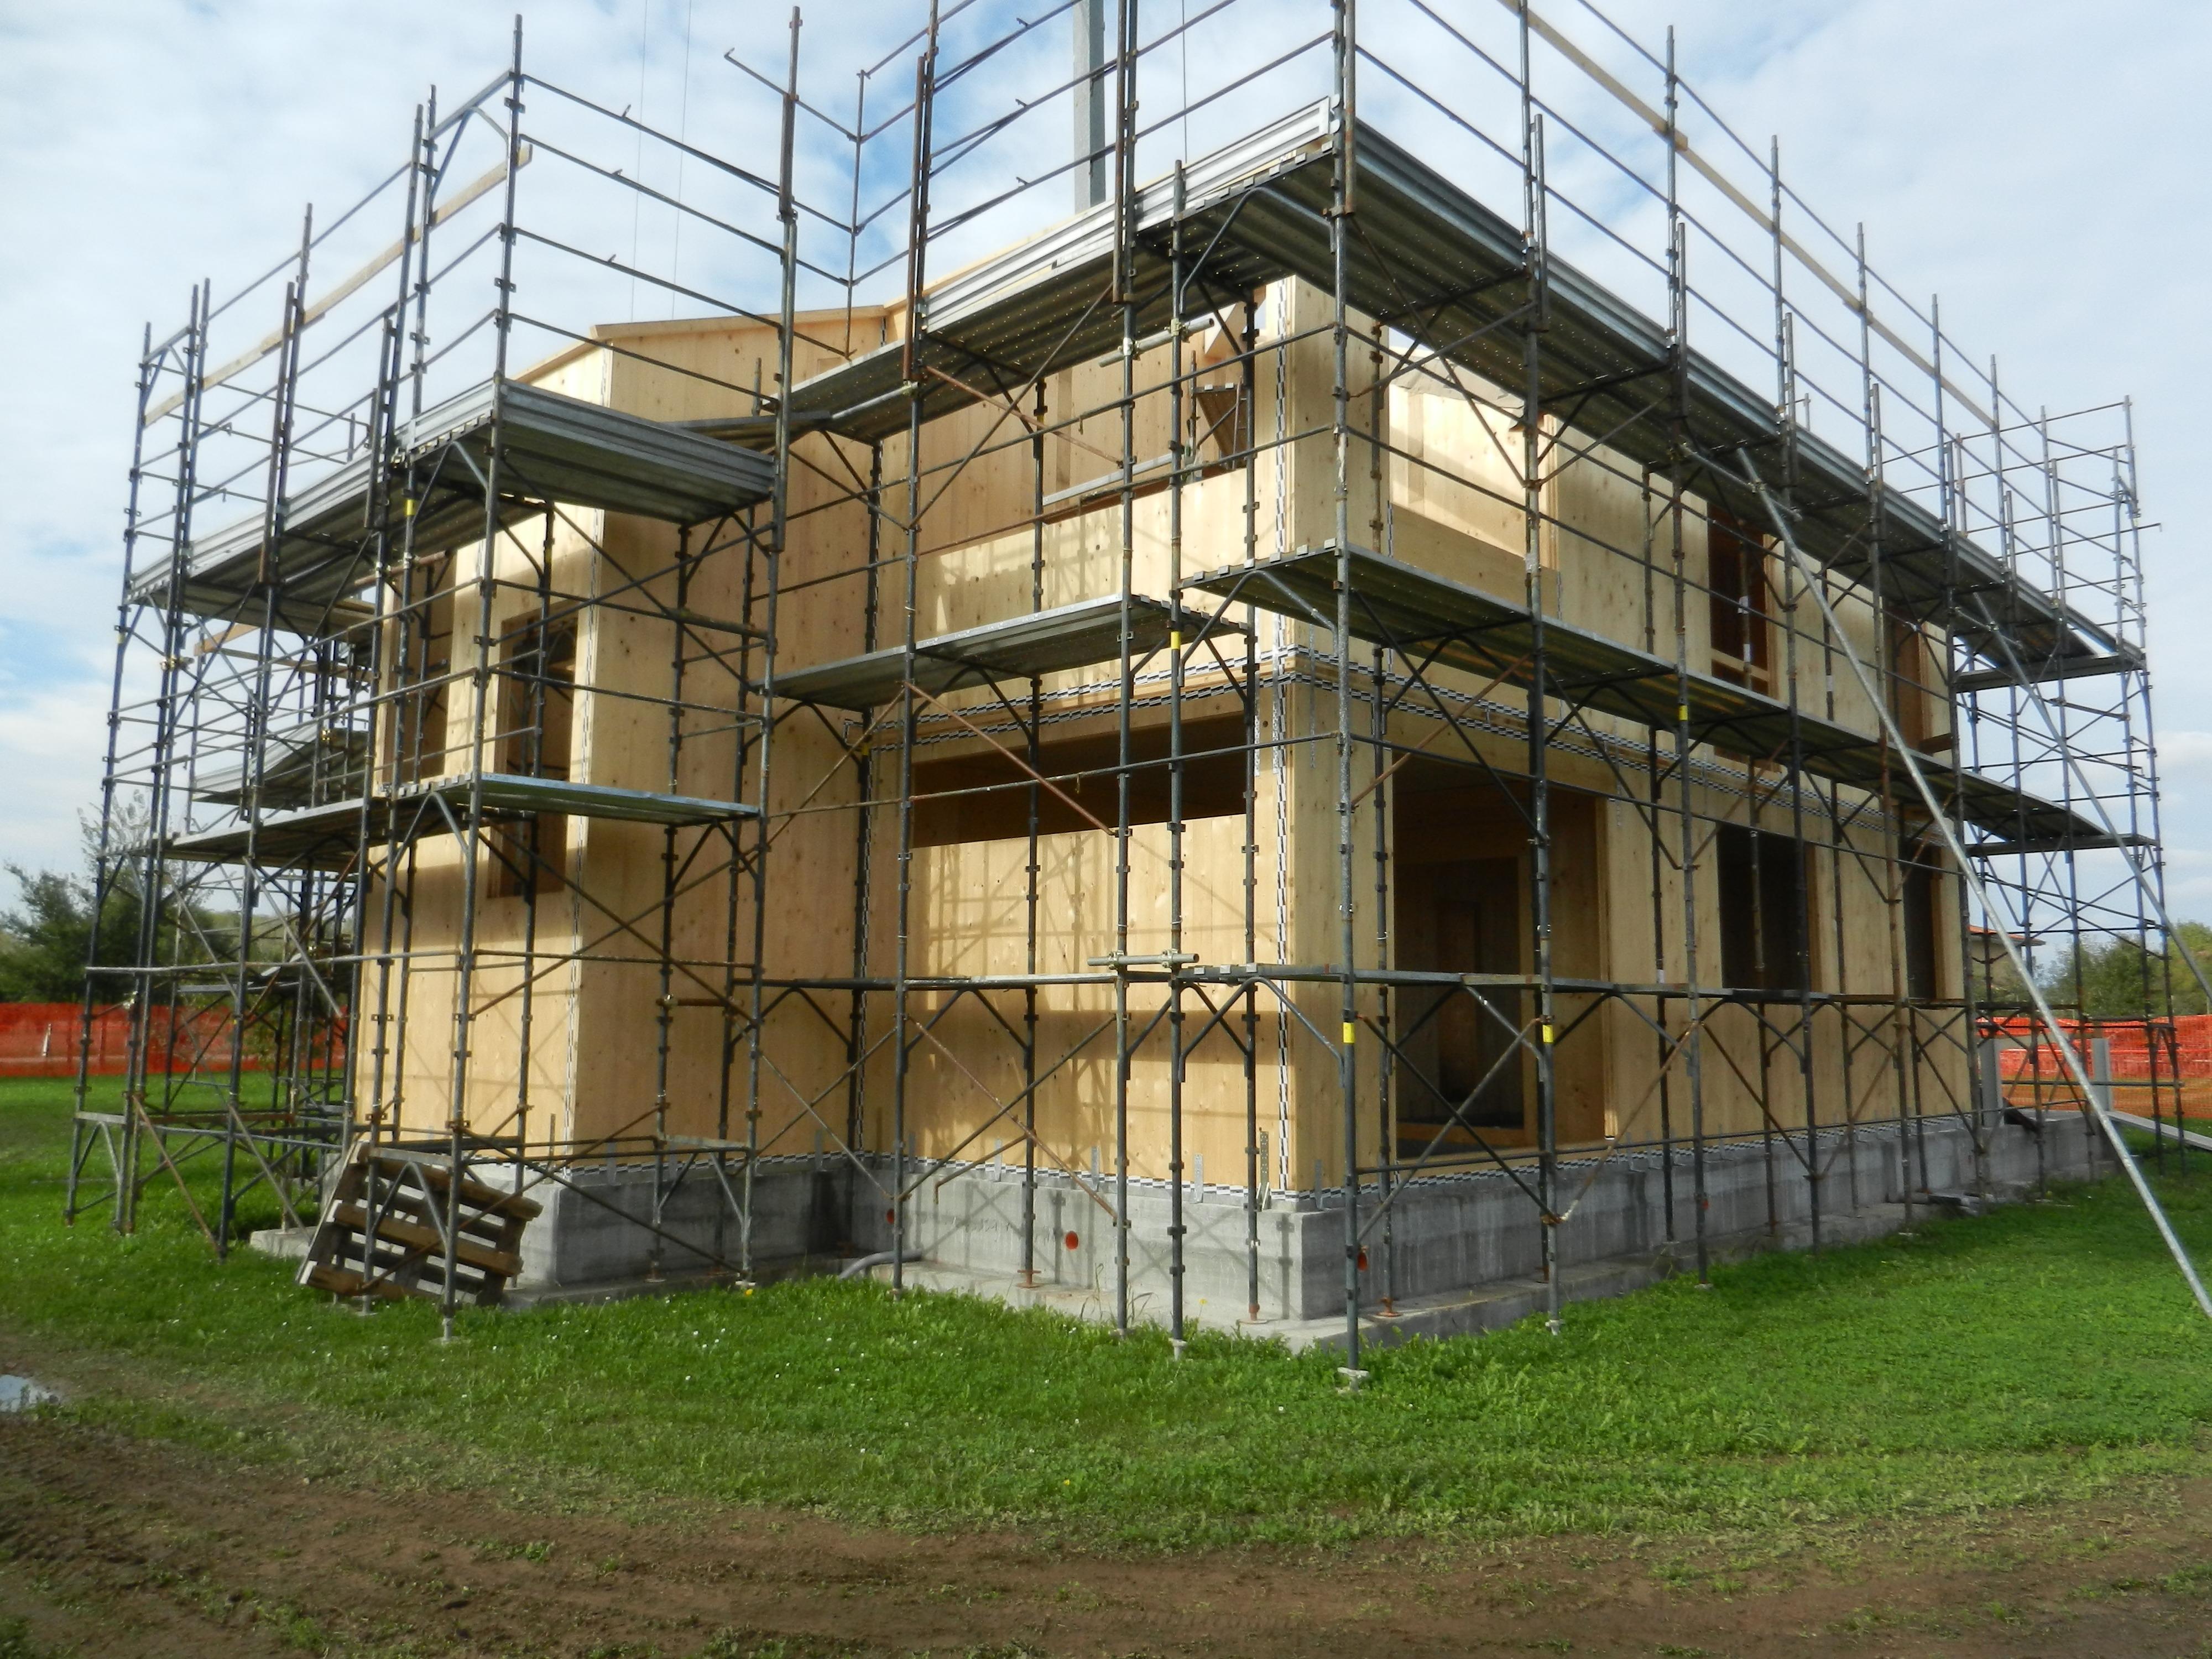 Casa a due piani in x lam gp edilizia for Piani casa com